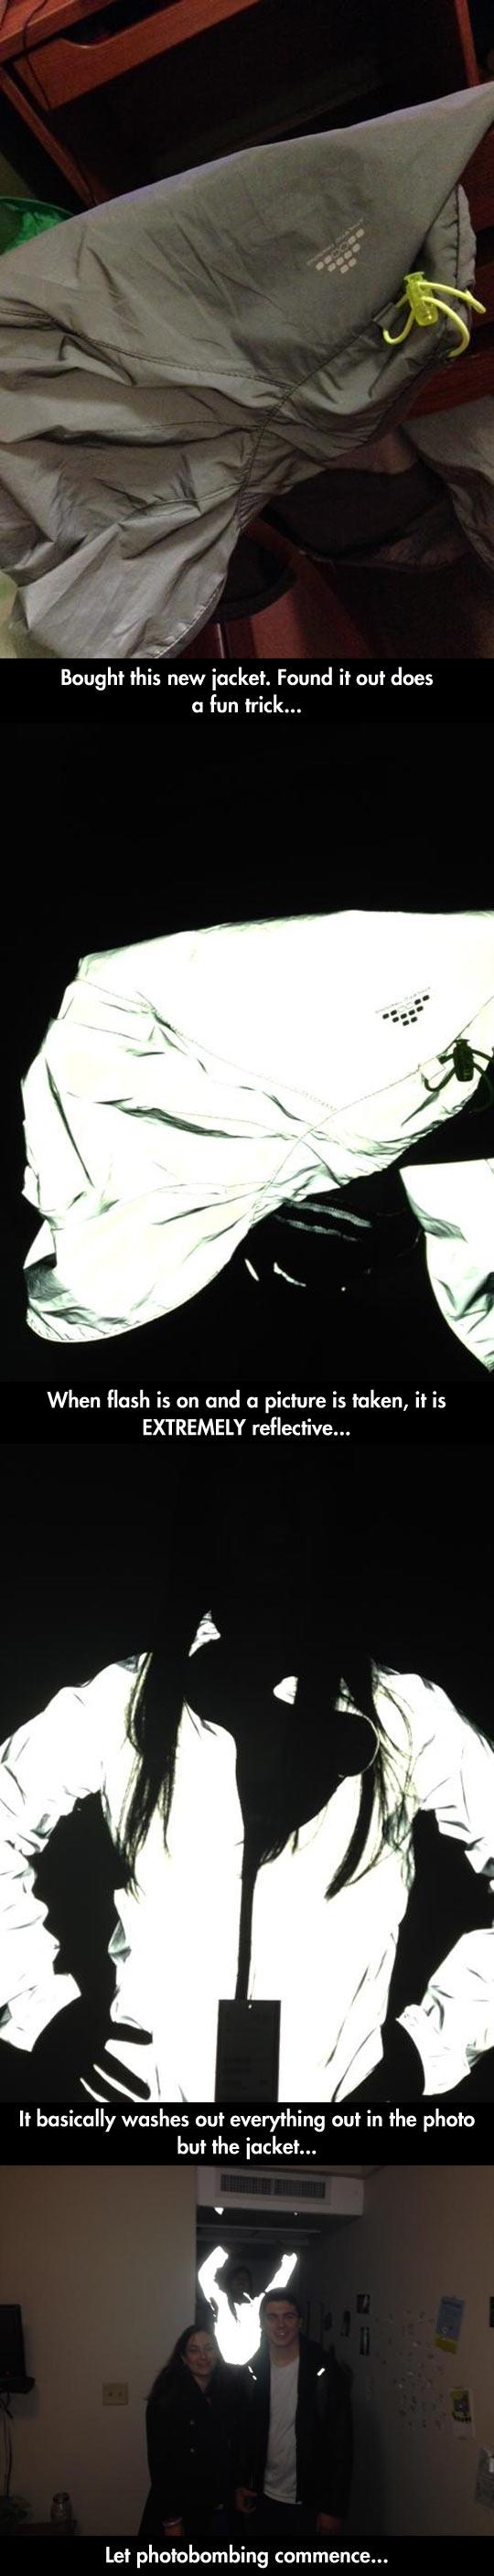 cool-jacket-reflection-flash-photo-bomb